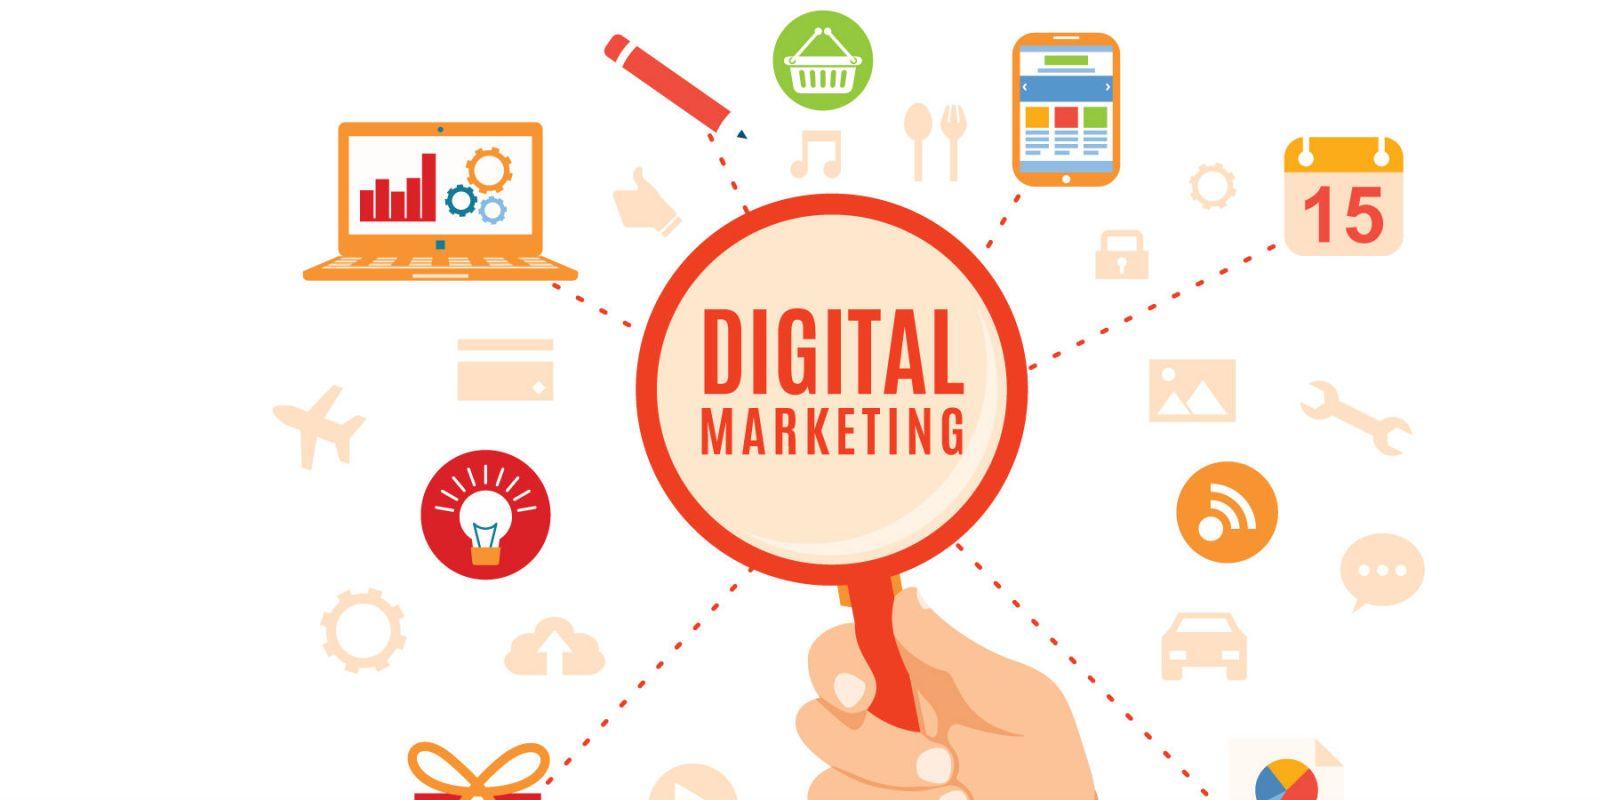 Những sai lầm mà các SMEs thường gặp khi triển khai Digital Marketing.